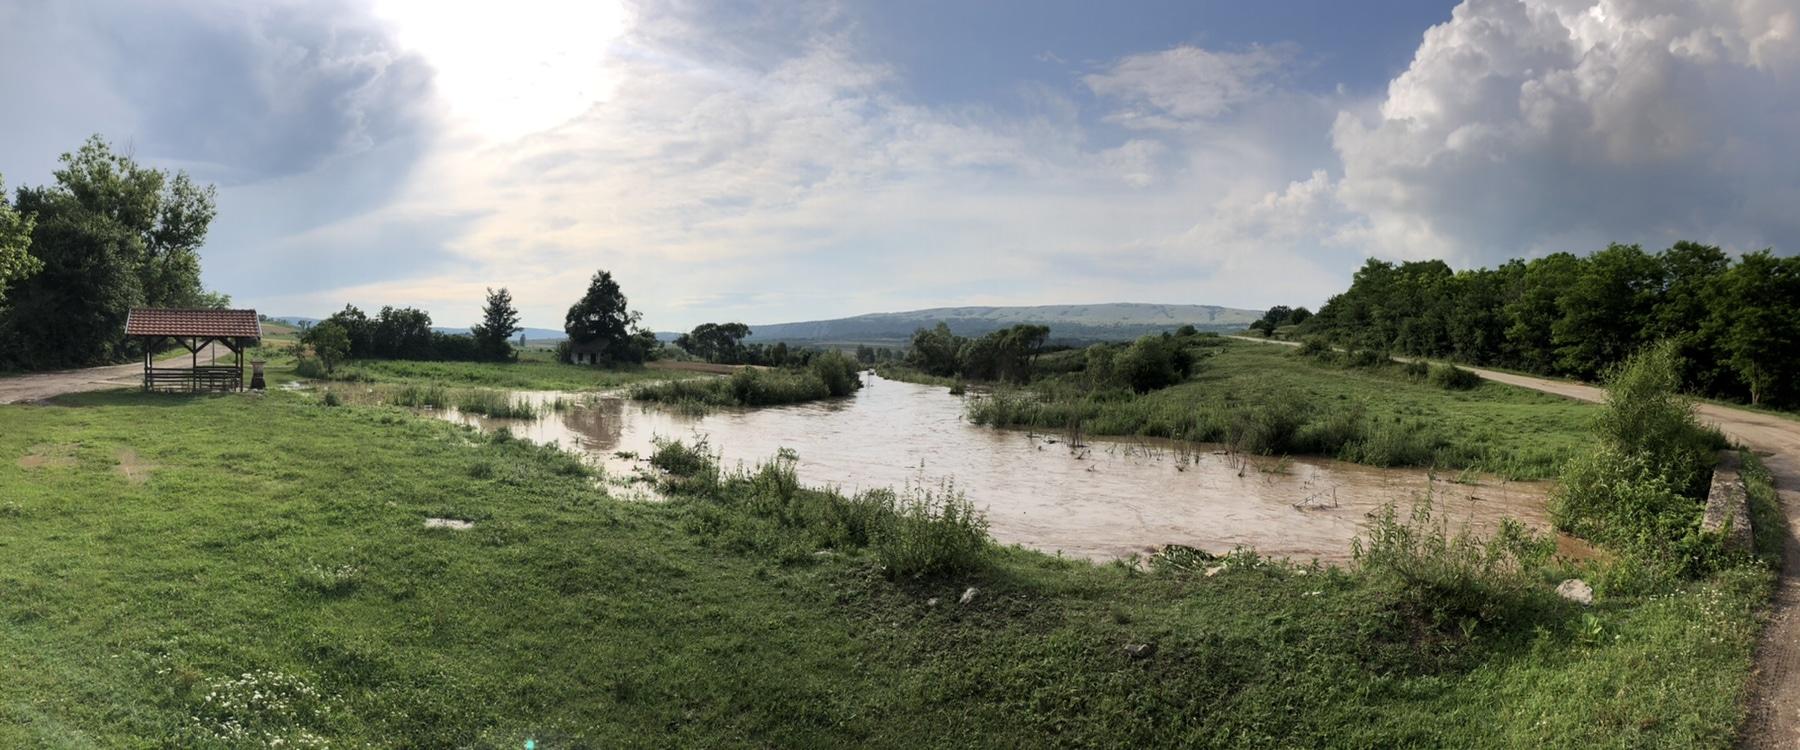 Poplavljeno područje, foto: M.M.